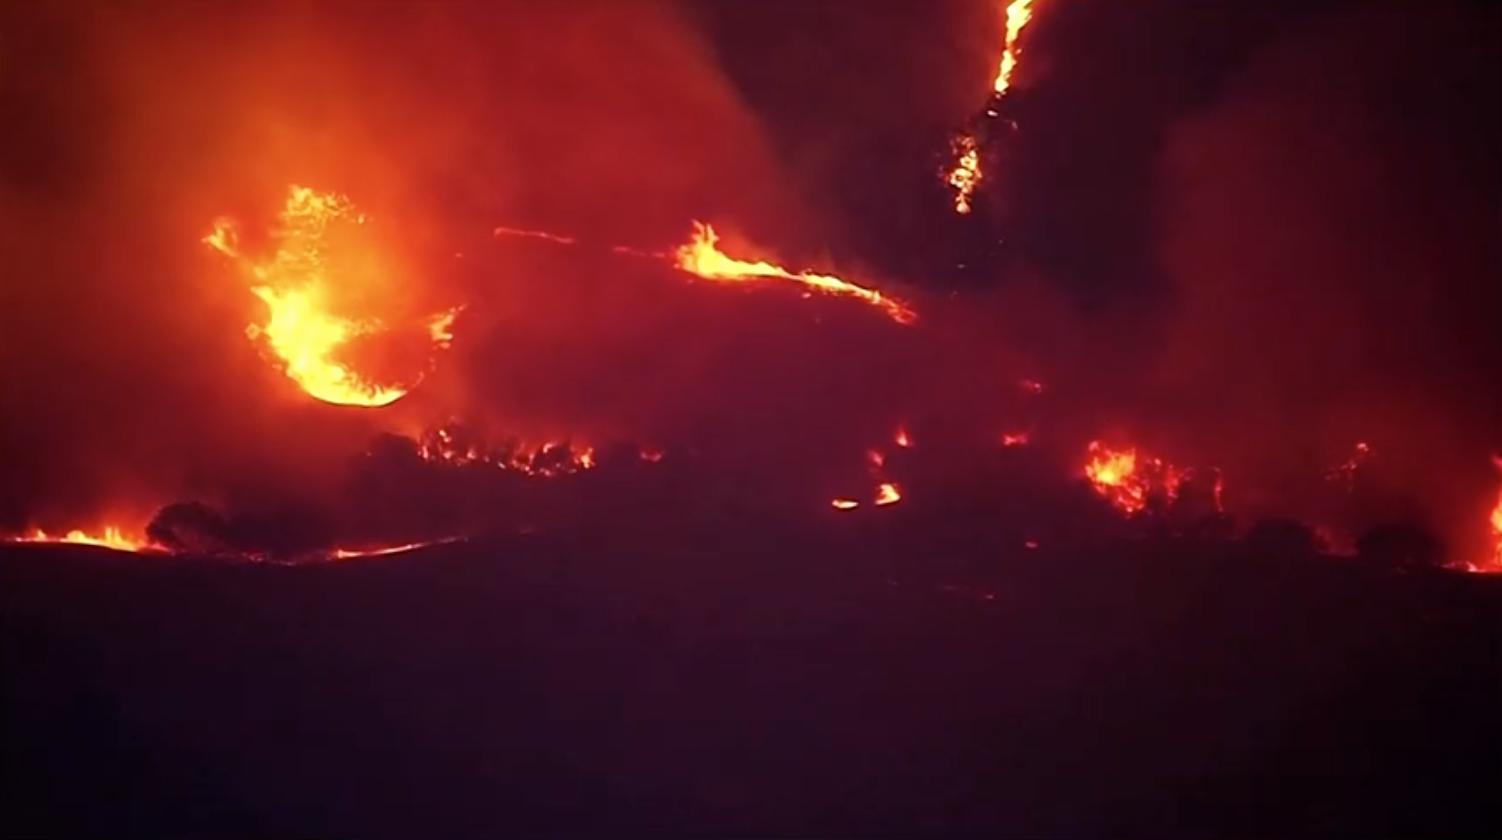 Hàng trăm lính cứu hỏa vật lộn với đám cháy rừng Silverado Fire